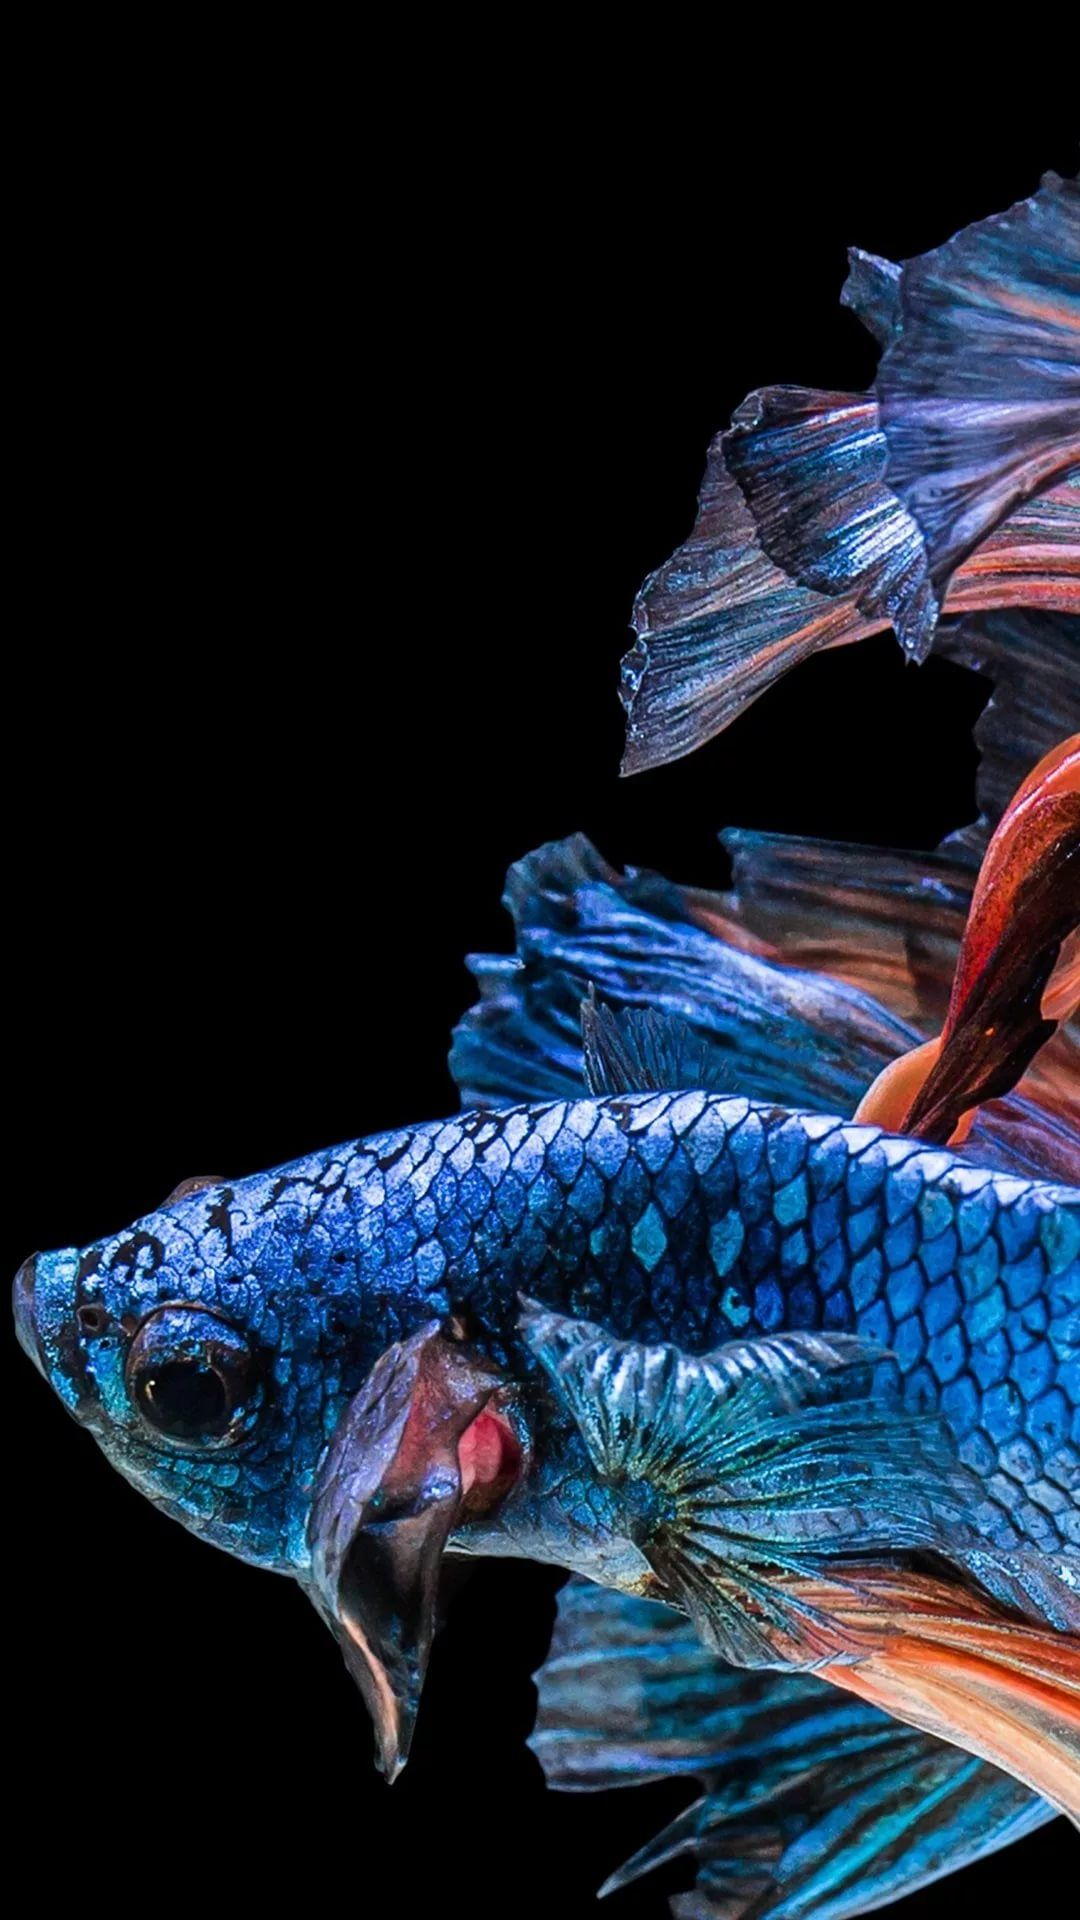 Fish iPhone 8 plus wallpaper